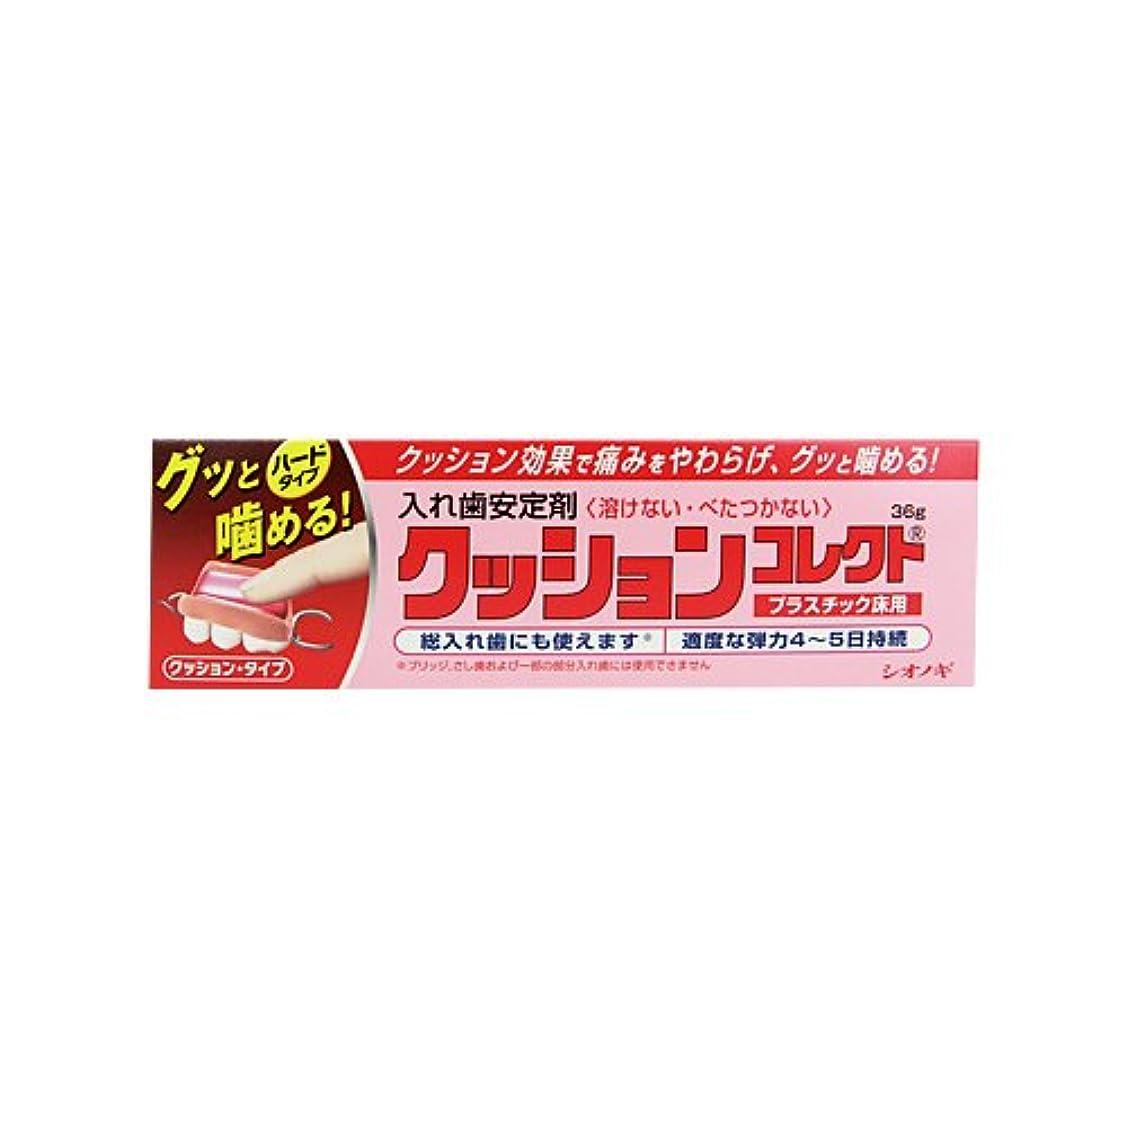 知恵腸選出するシオノギ製薬 クッションコレクト クッションタイプ 36g